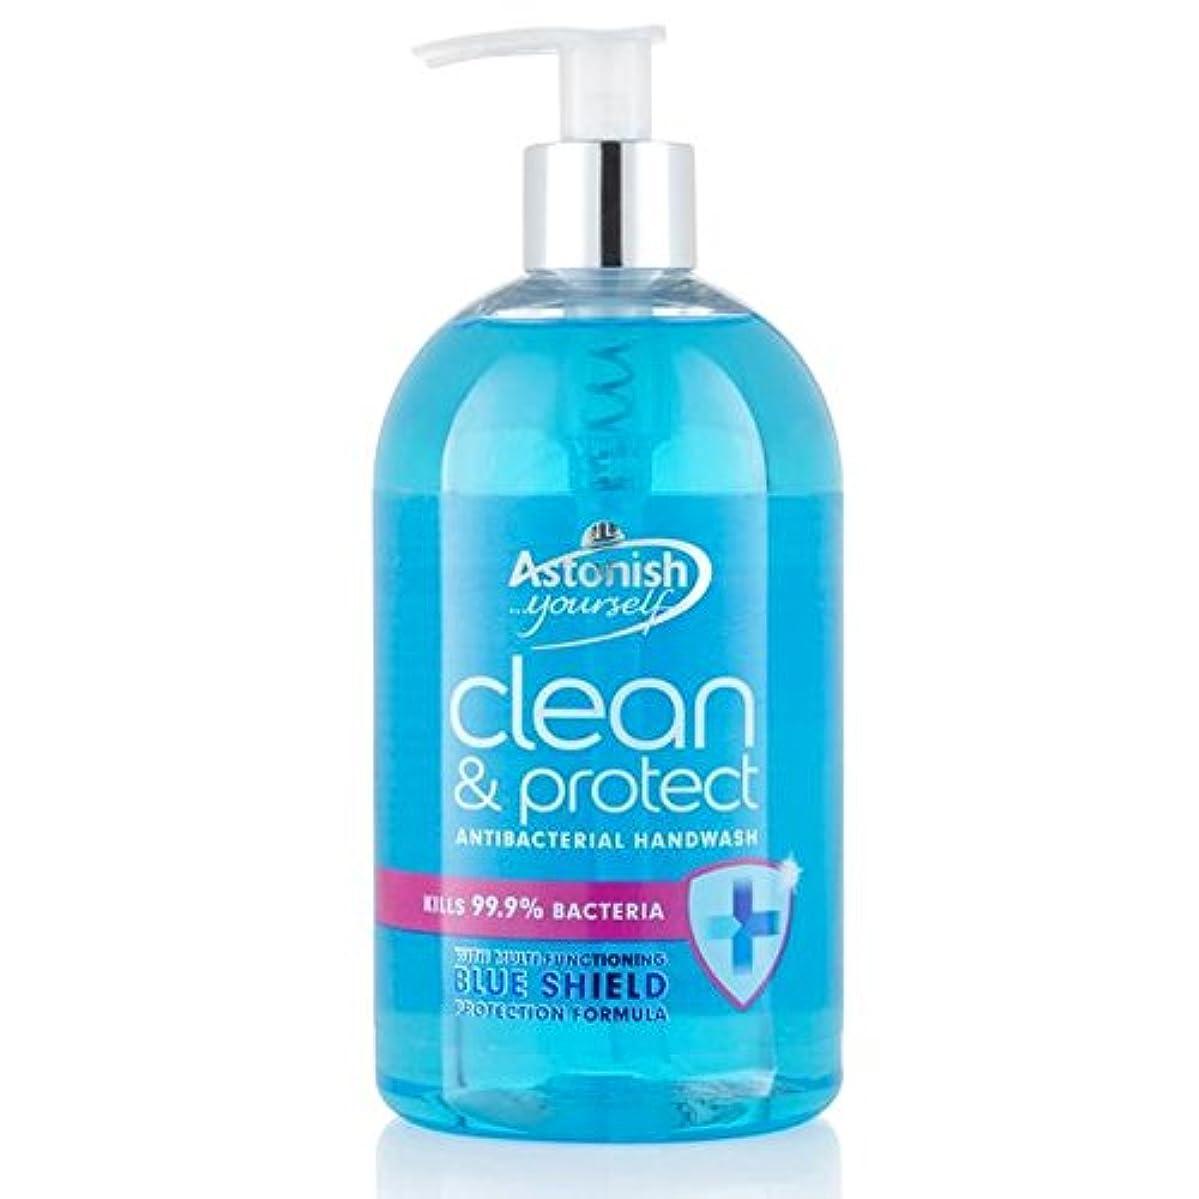 教師の日そばにこどもセンタークリーン驚か&ハンドウォッシュ500ミリリットルを保護 x4 - Astonish Clean & Protect Hand Wash 500ml (Pack of 4) [並行輸入品]